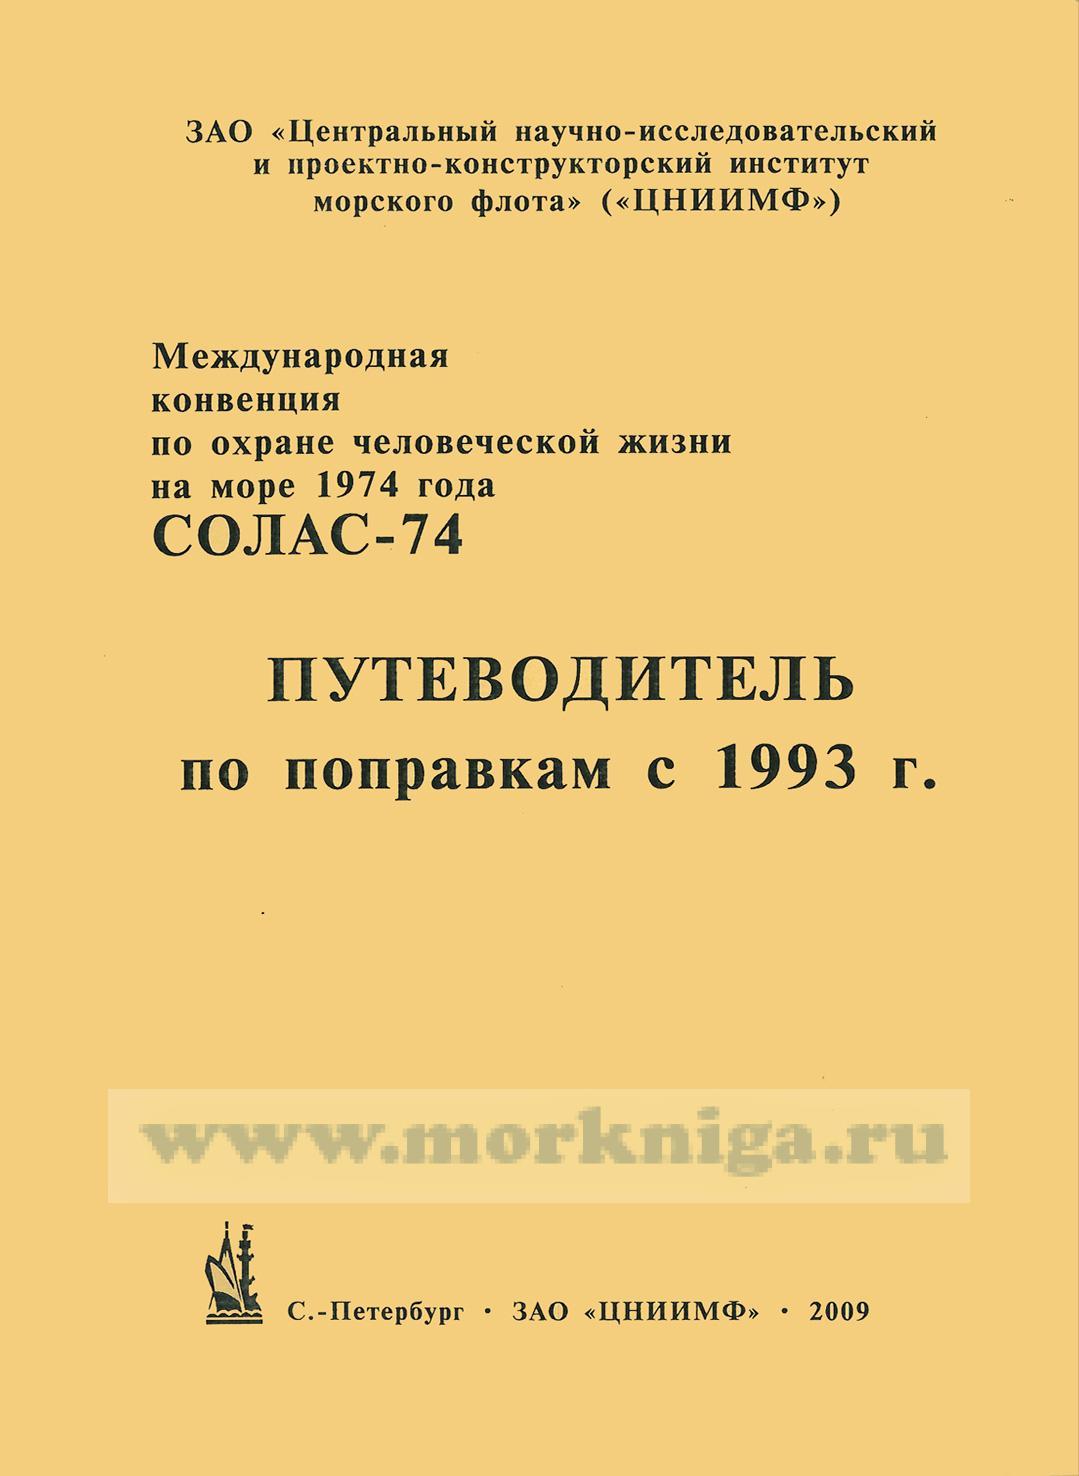 Путеводитель по поправкам к МК СОЛАС-74 за период с 1993 г.